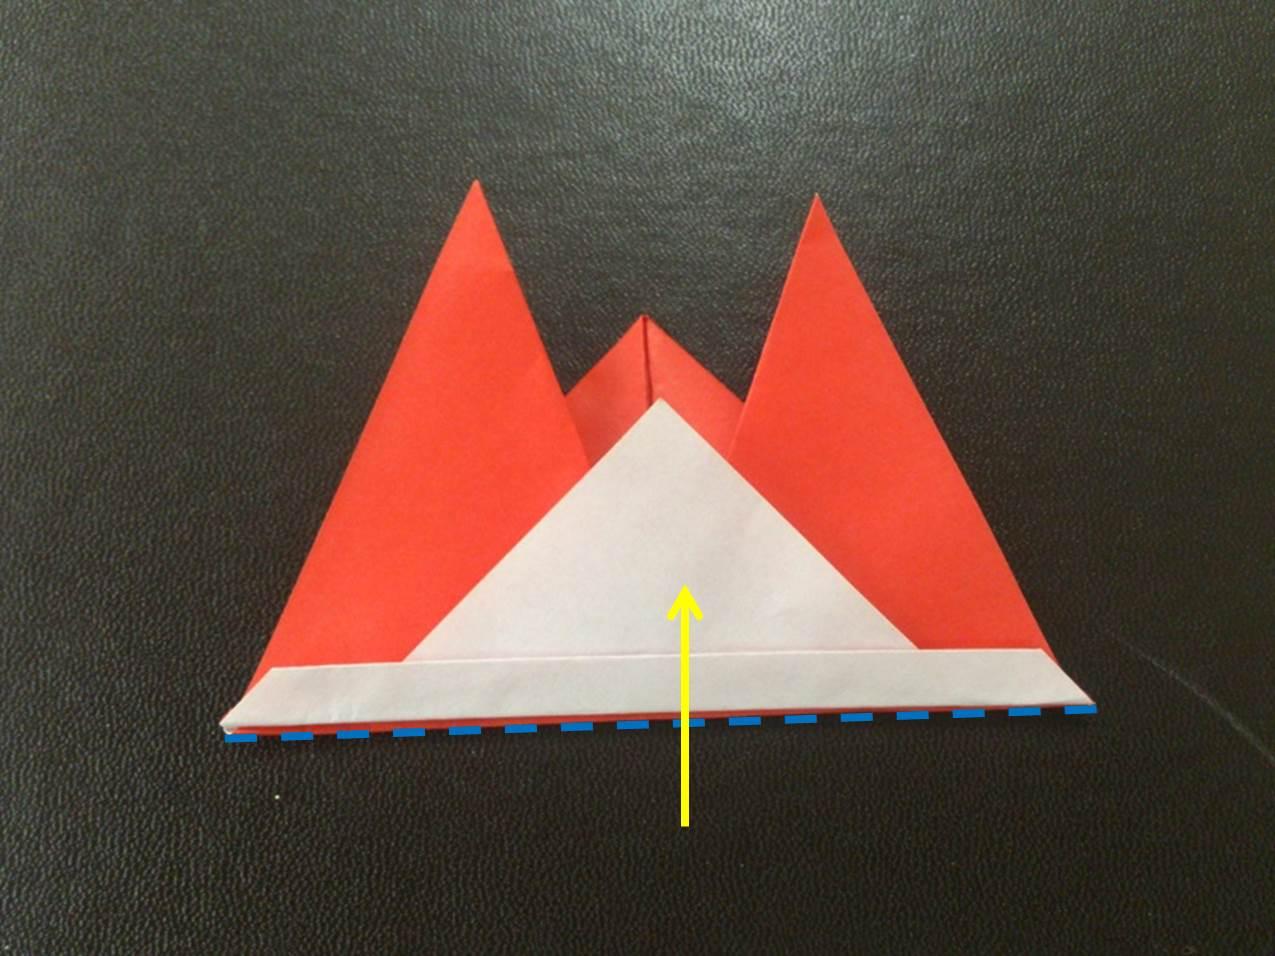 折り紙のかぶとの超簡単な折り ... : 超難しい折り紙折り方 : すべての折り紙